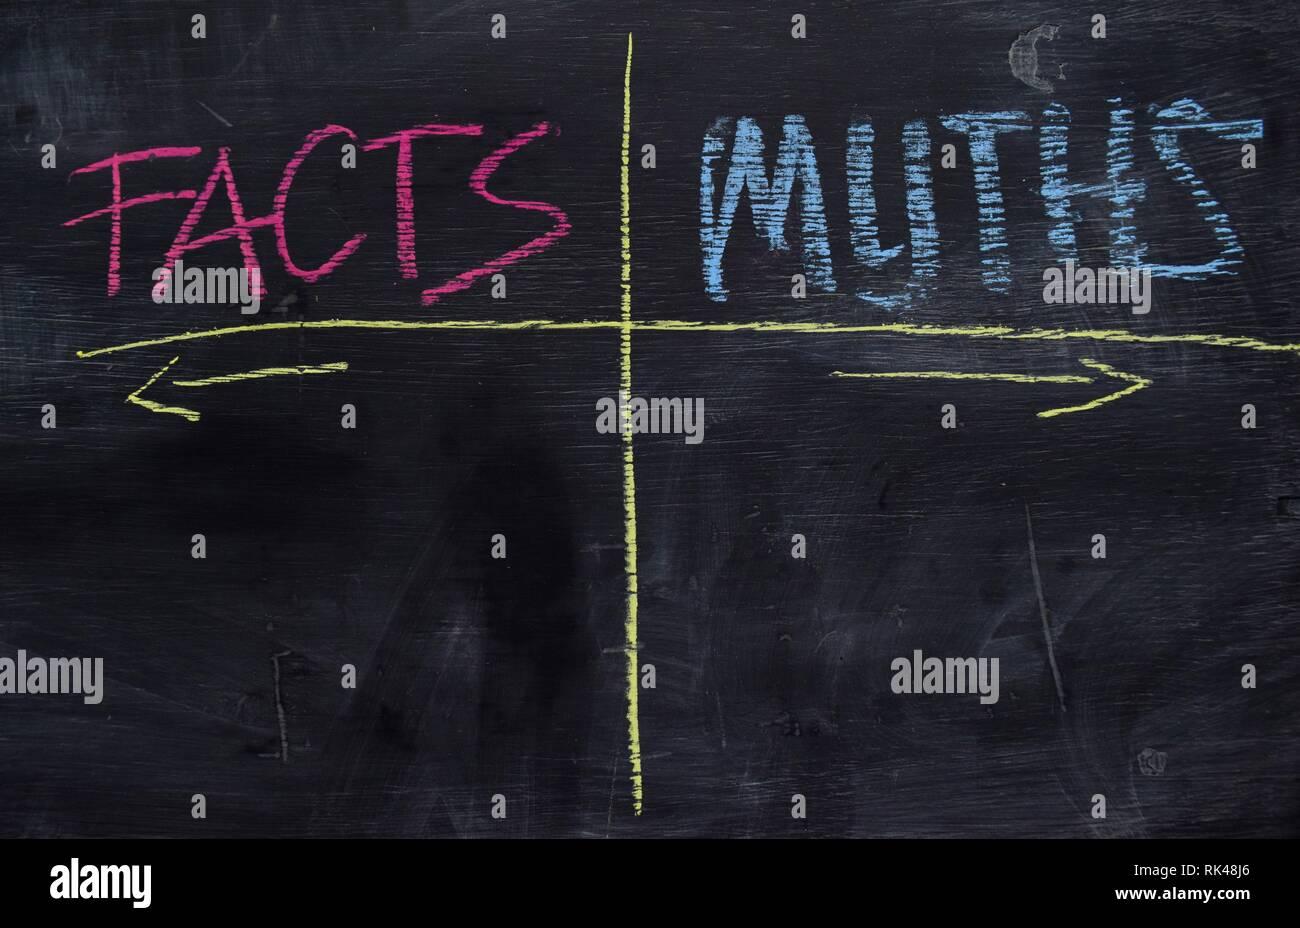 Faits et mythes écrit avec la couleur de la craie sur le tableau noir concept Photo Stock